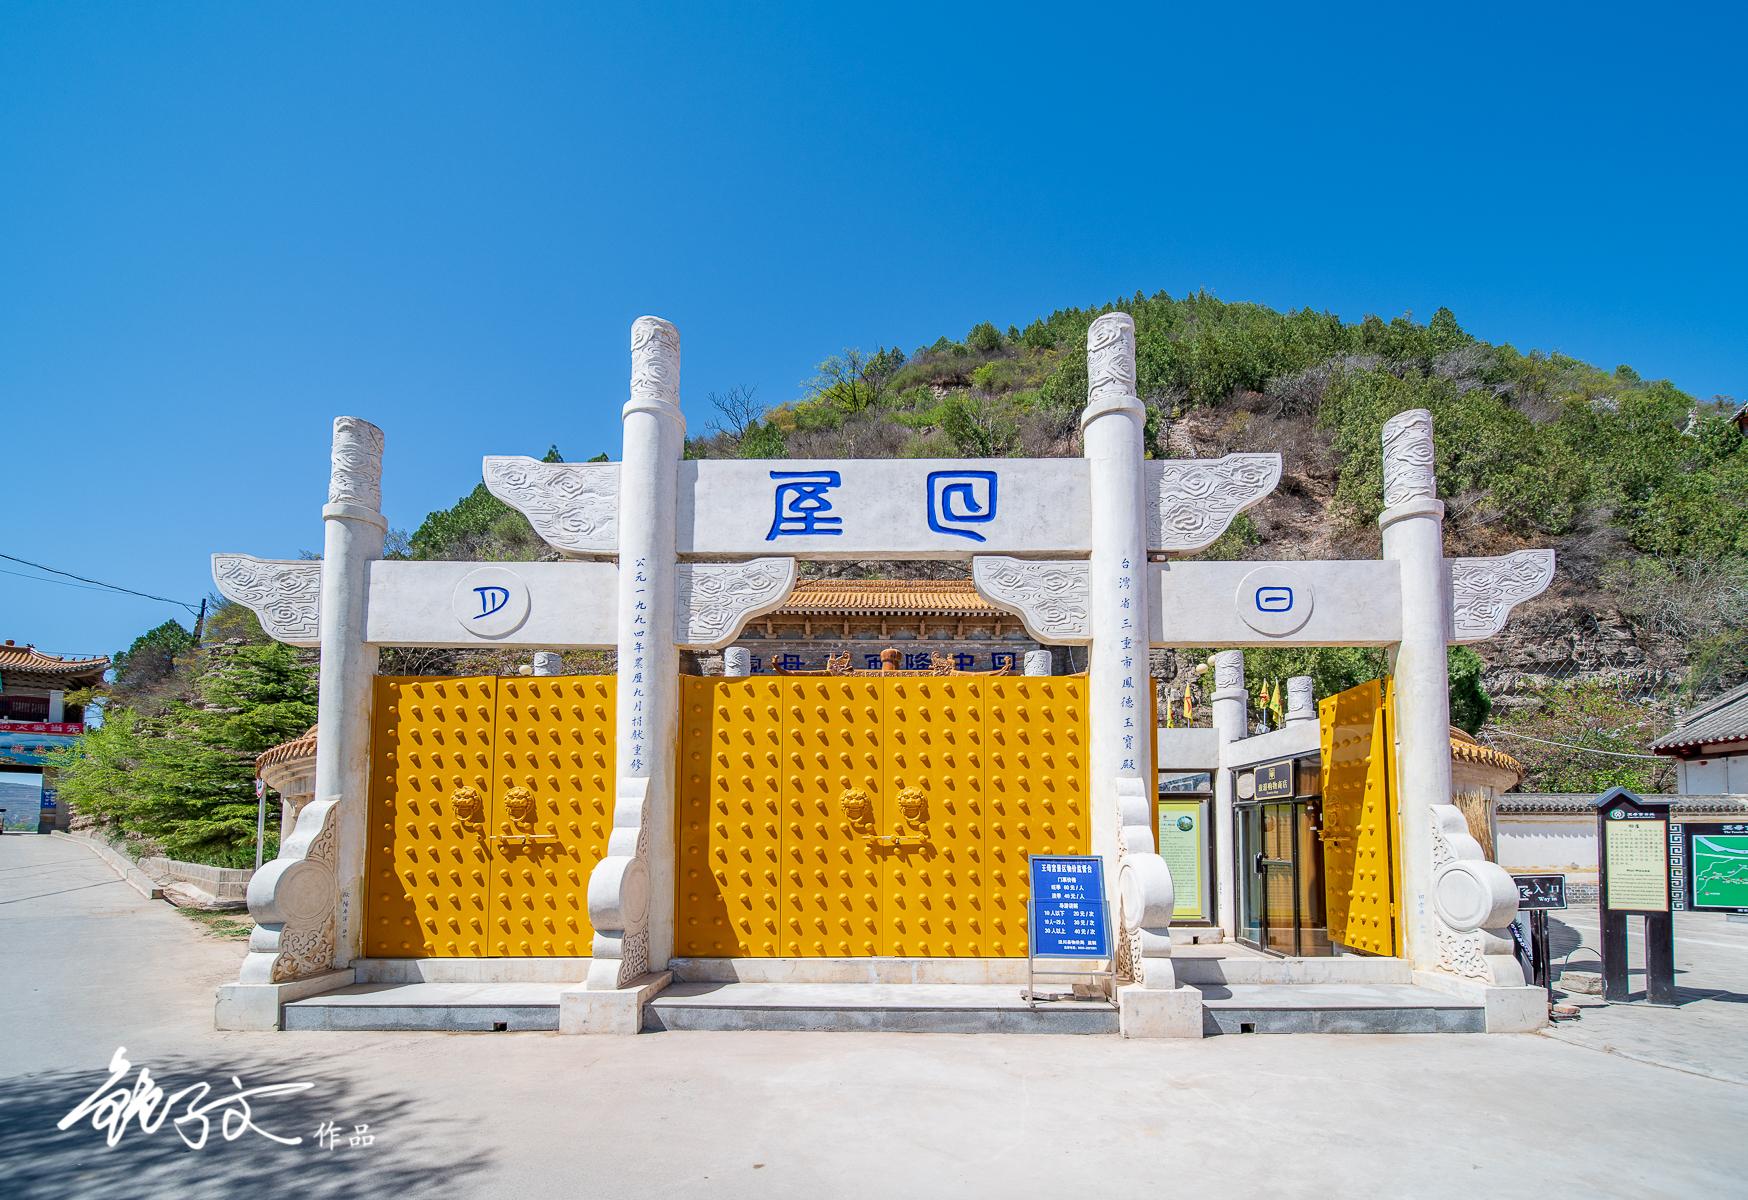 泾川西王母祖宫,海峡两岸友谊桥梁,丝绸之路石窟